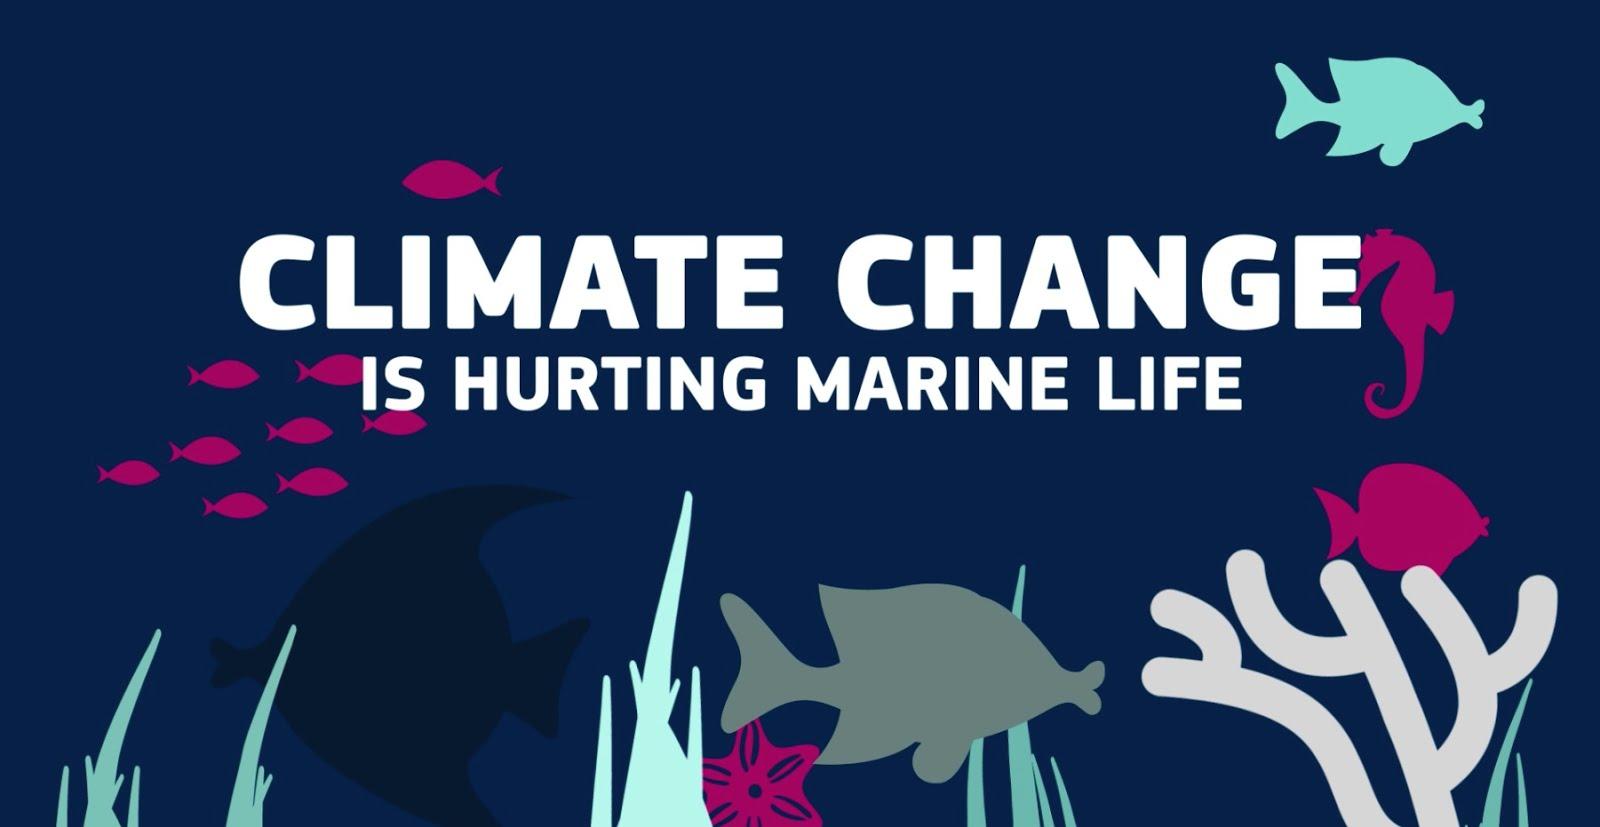 Πώς επιδρά η κλιματική αλλαγή